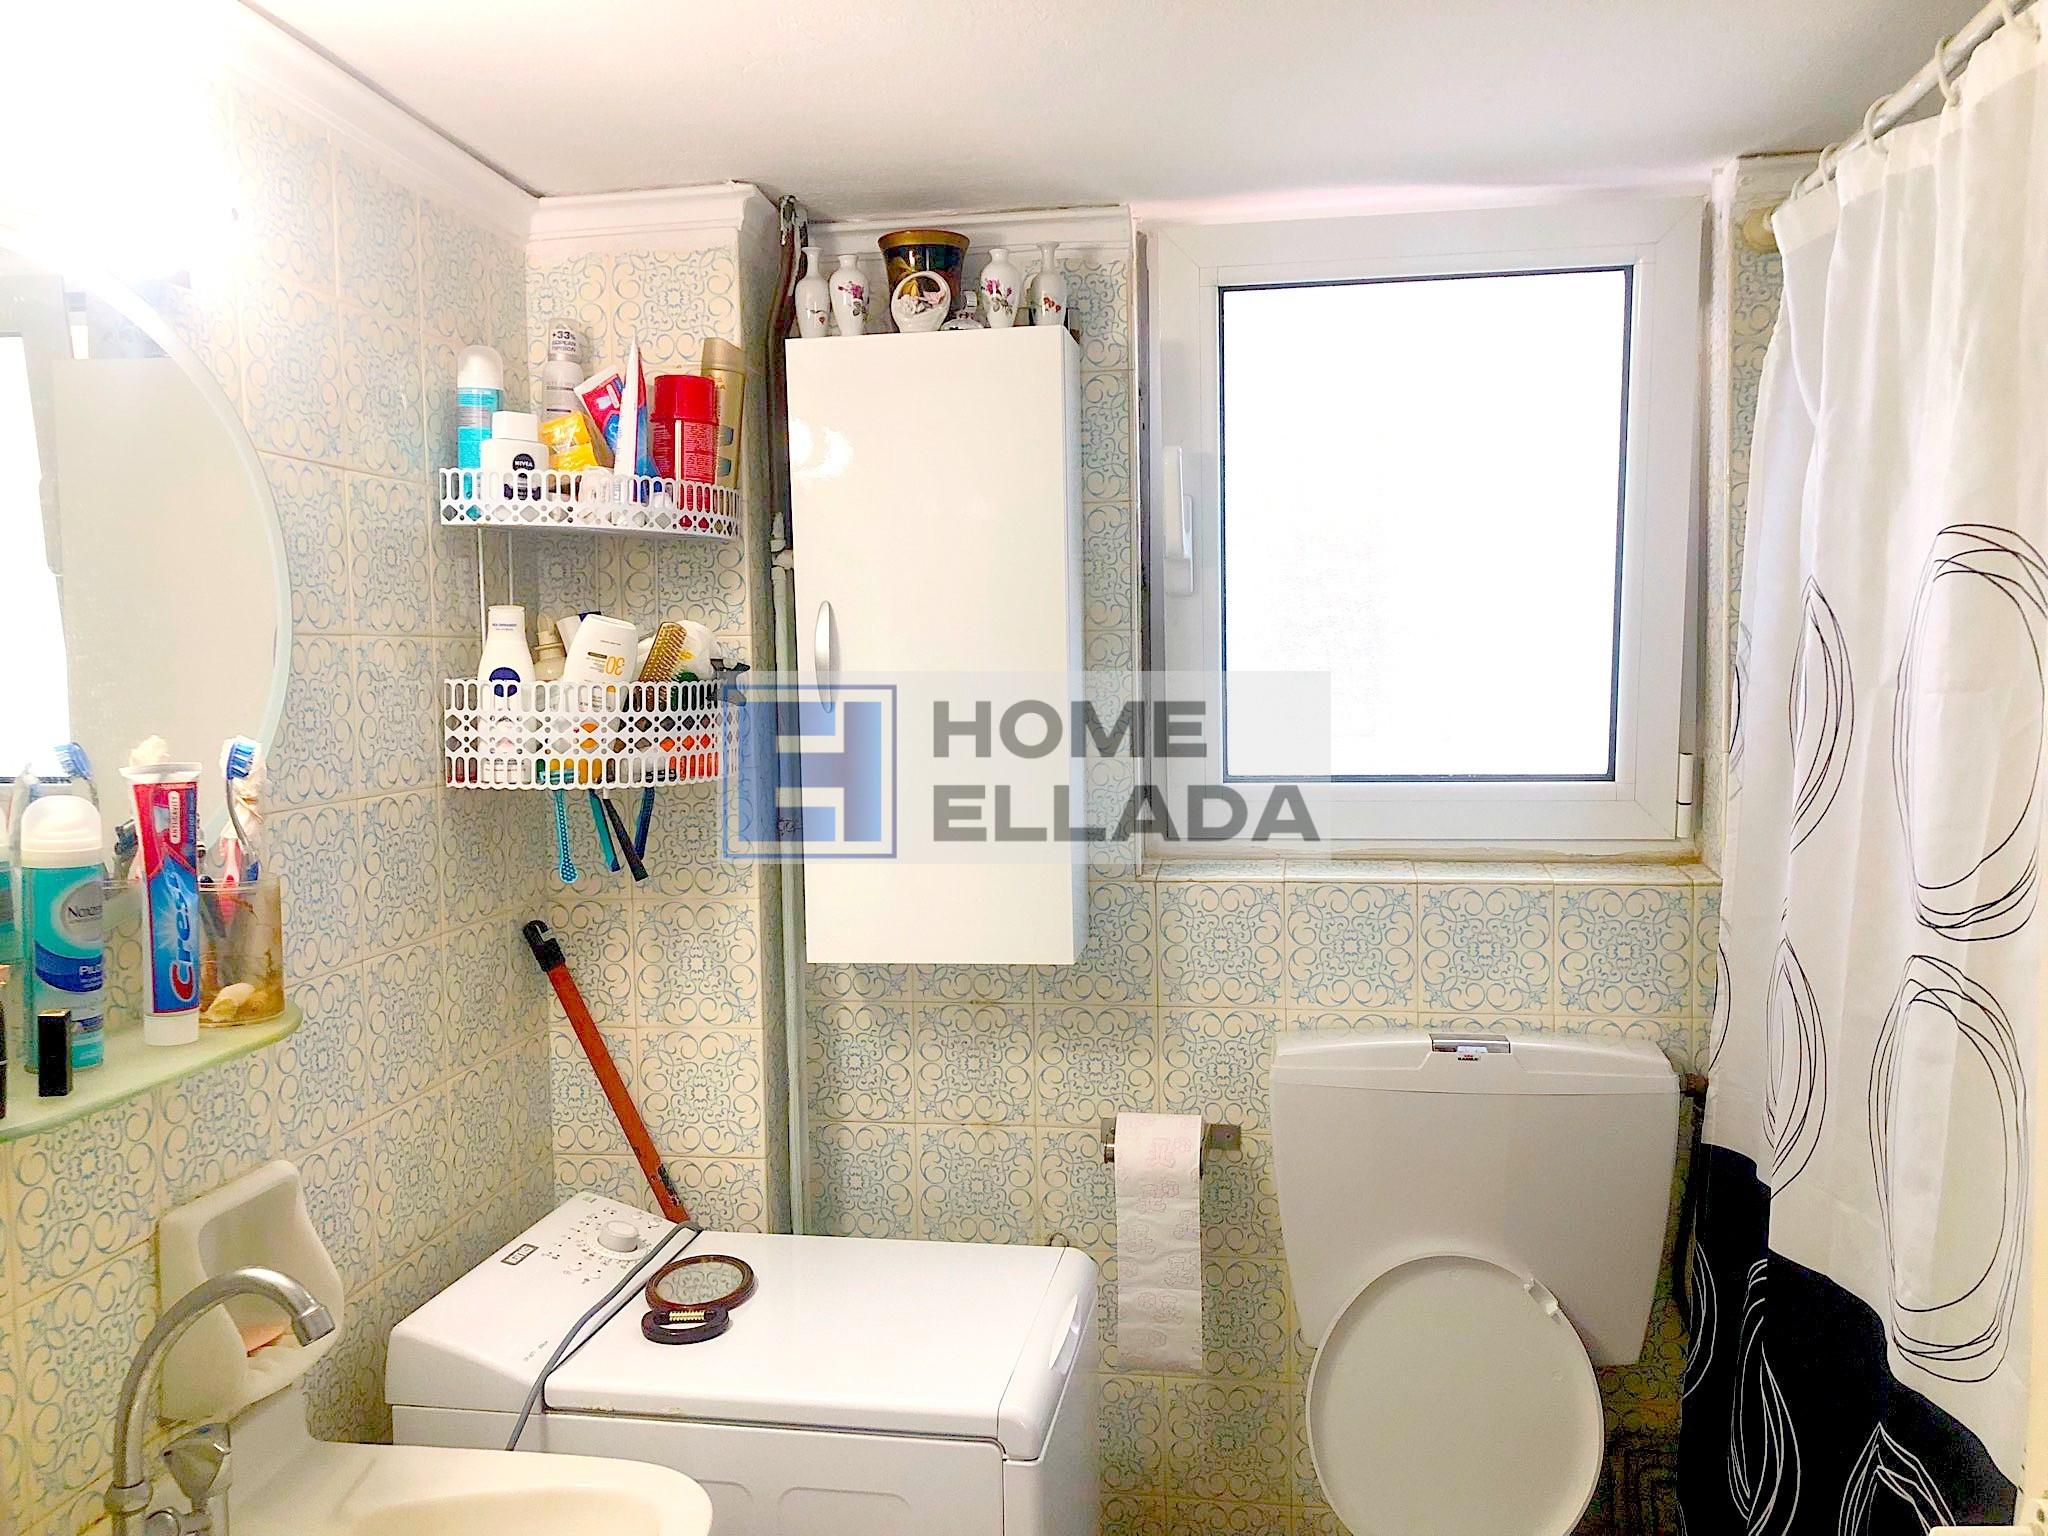 Квартира 50 м² Афины - Варкиза